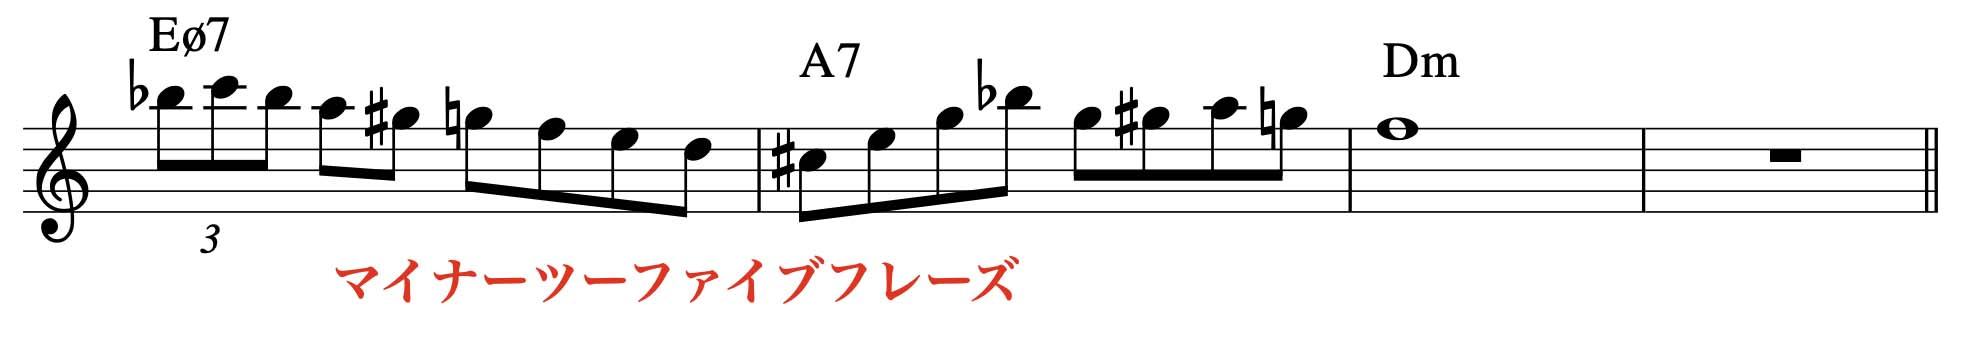 bb7a7-4-phrase